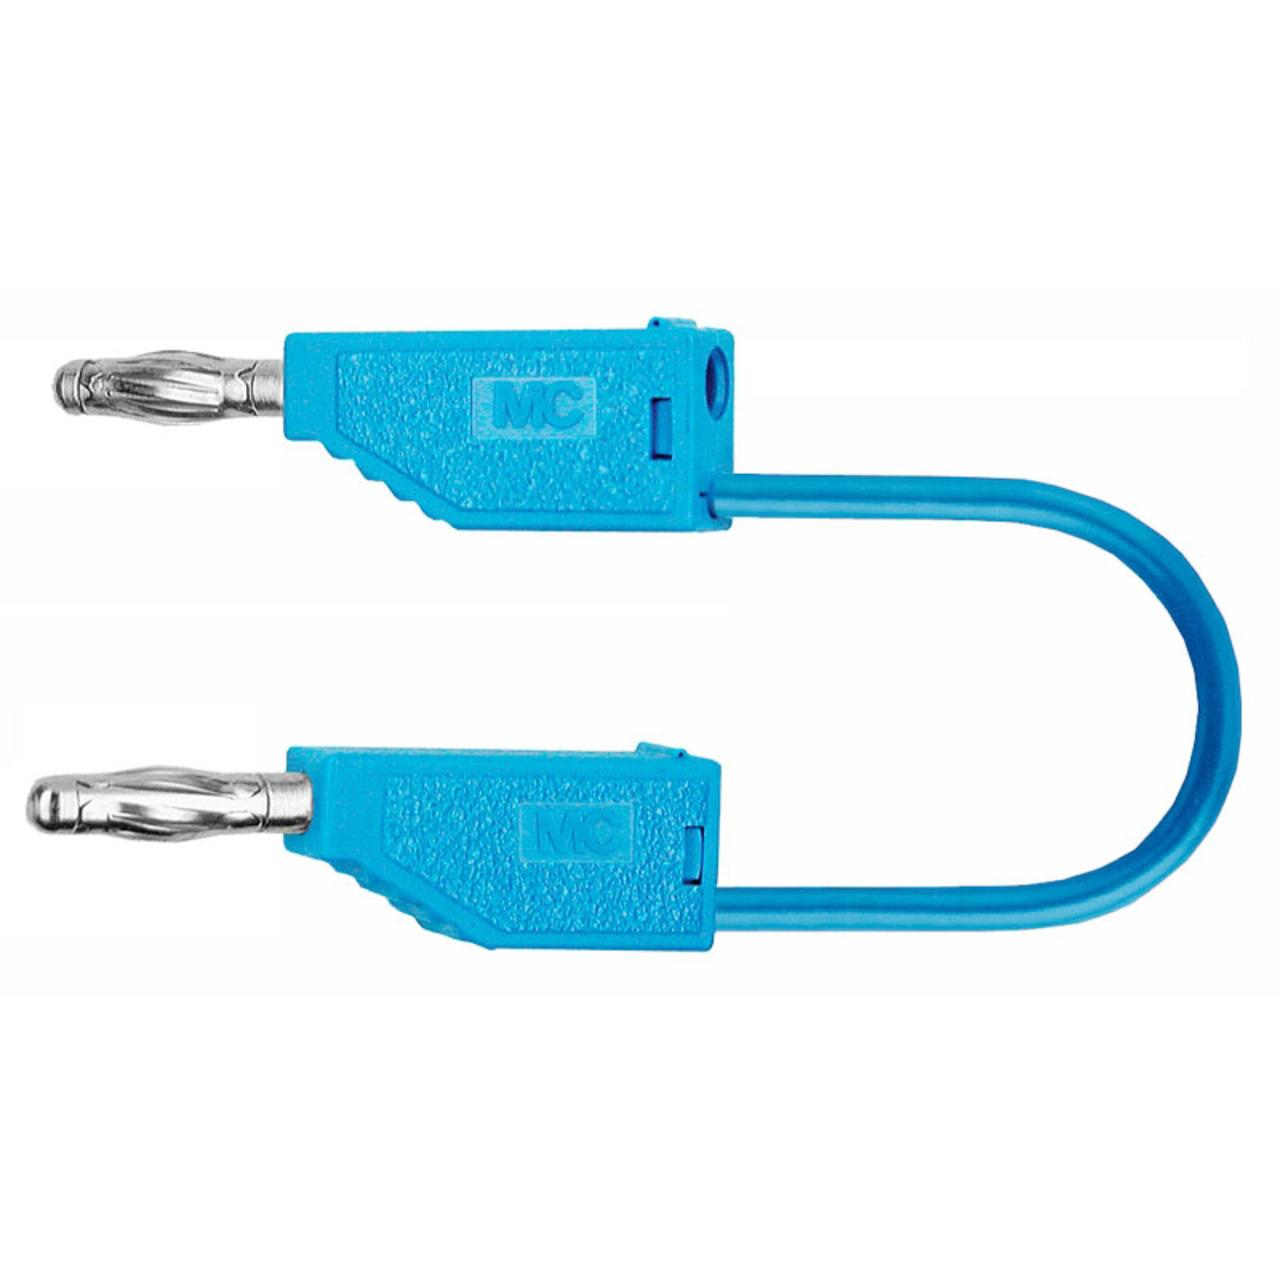 PVC-Verbindungsleitungen 32A- 2m- blau- 4 mm